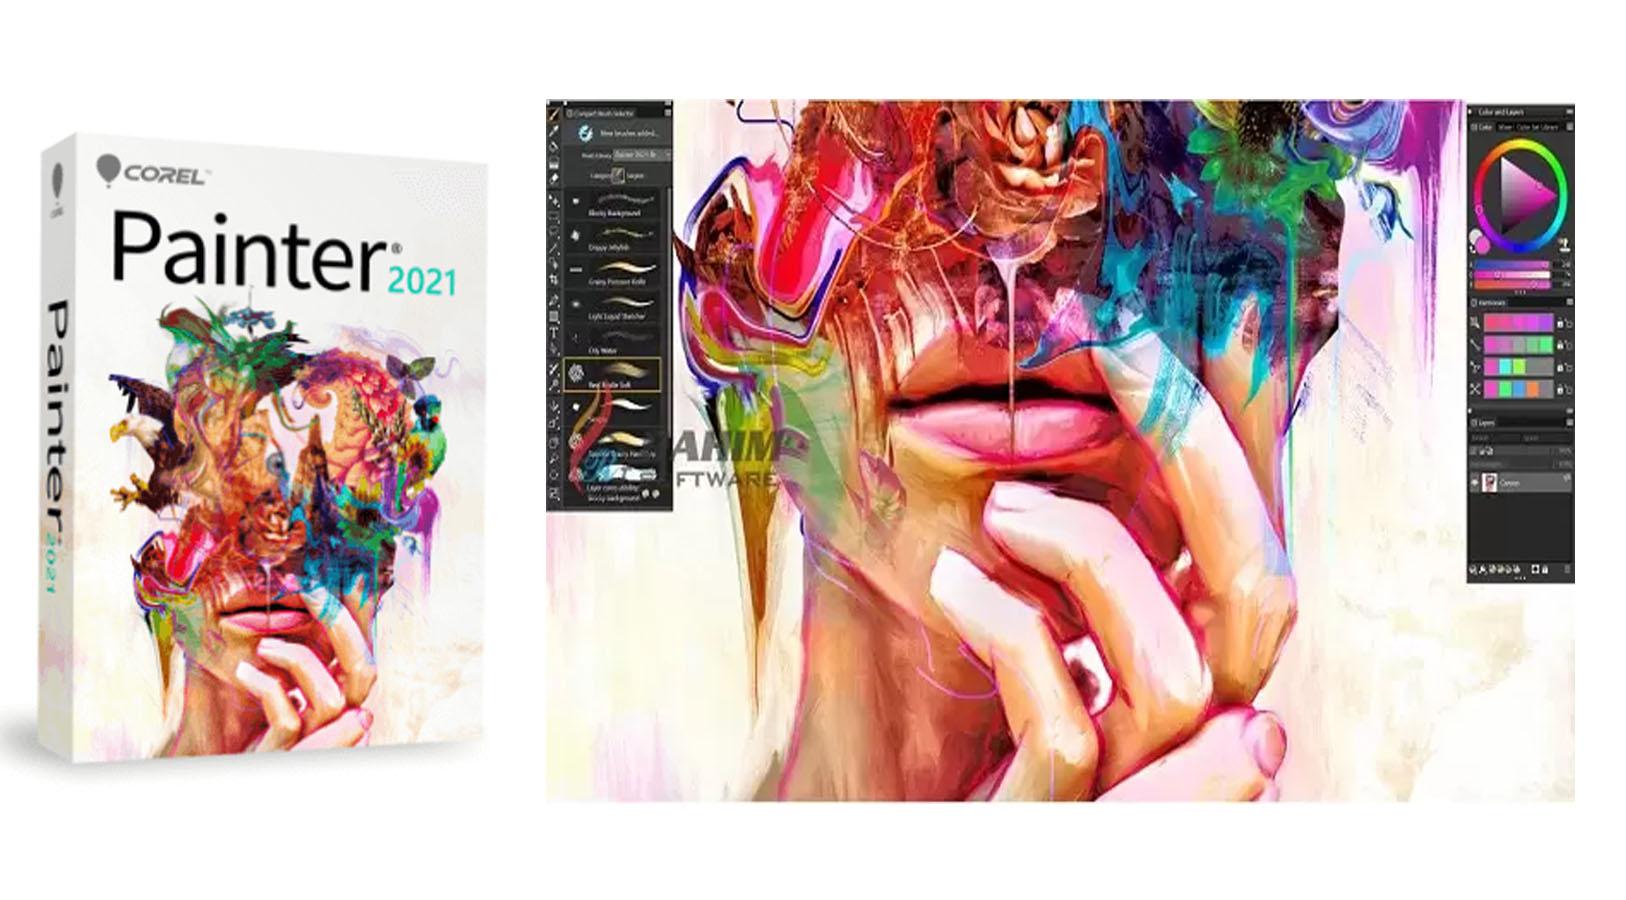 Cara Install Corel Painter 2021 Full Version Gratis